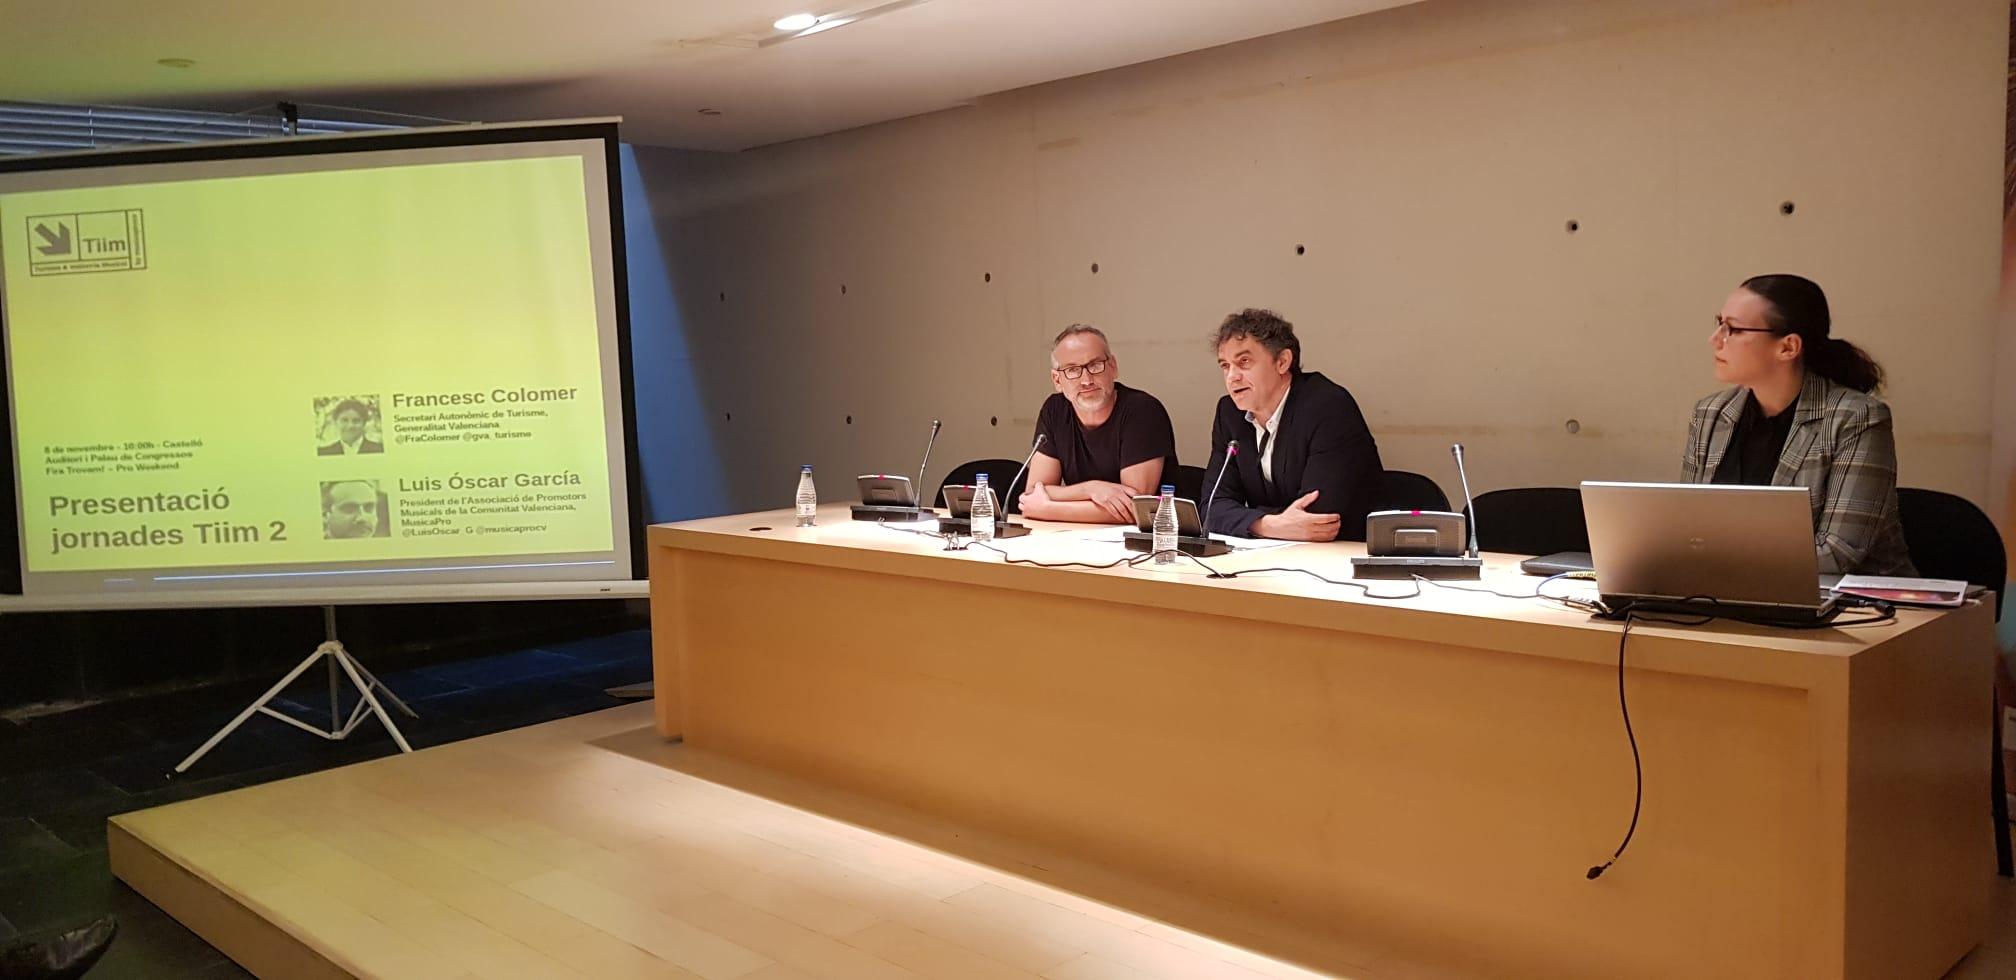 Personal expert i promotor analitza el potencial de la música com a element dinamitzador del turisme a la Comunitat Valenciana